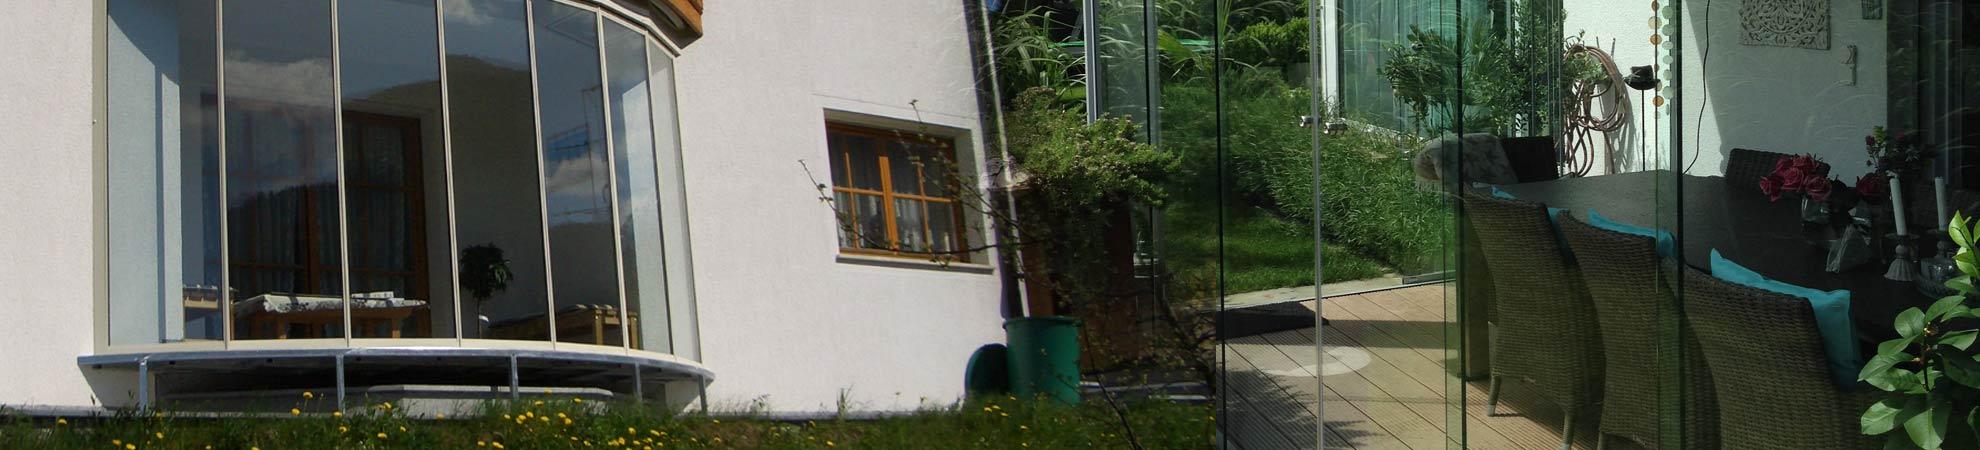 ebiasi-sitzplatzverglasung5